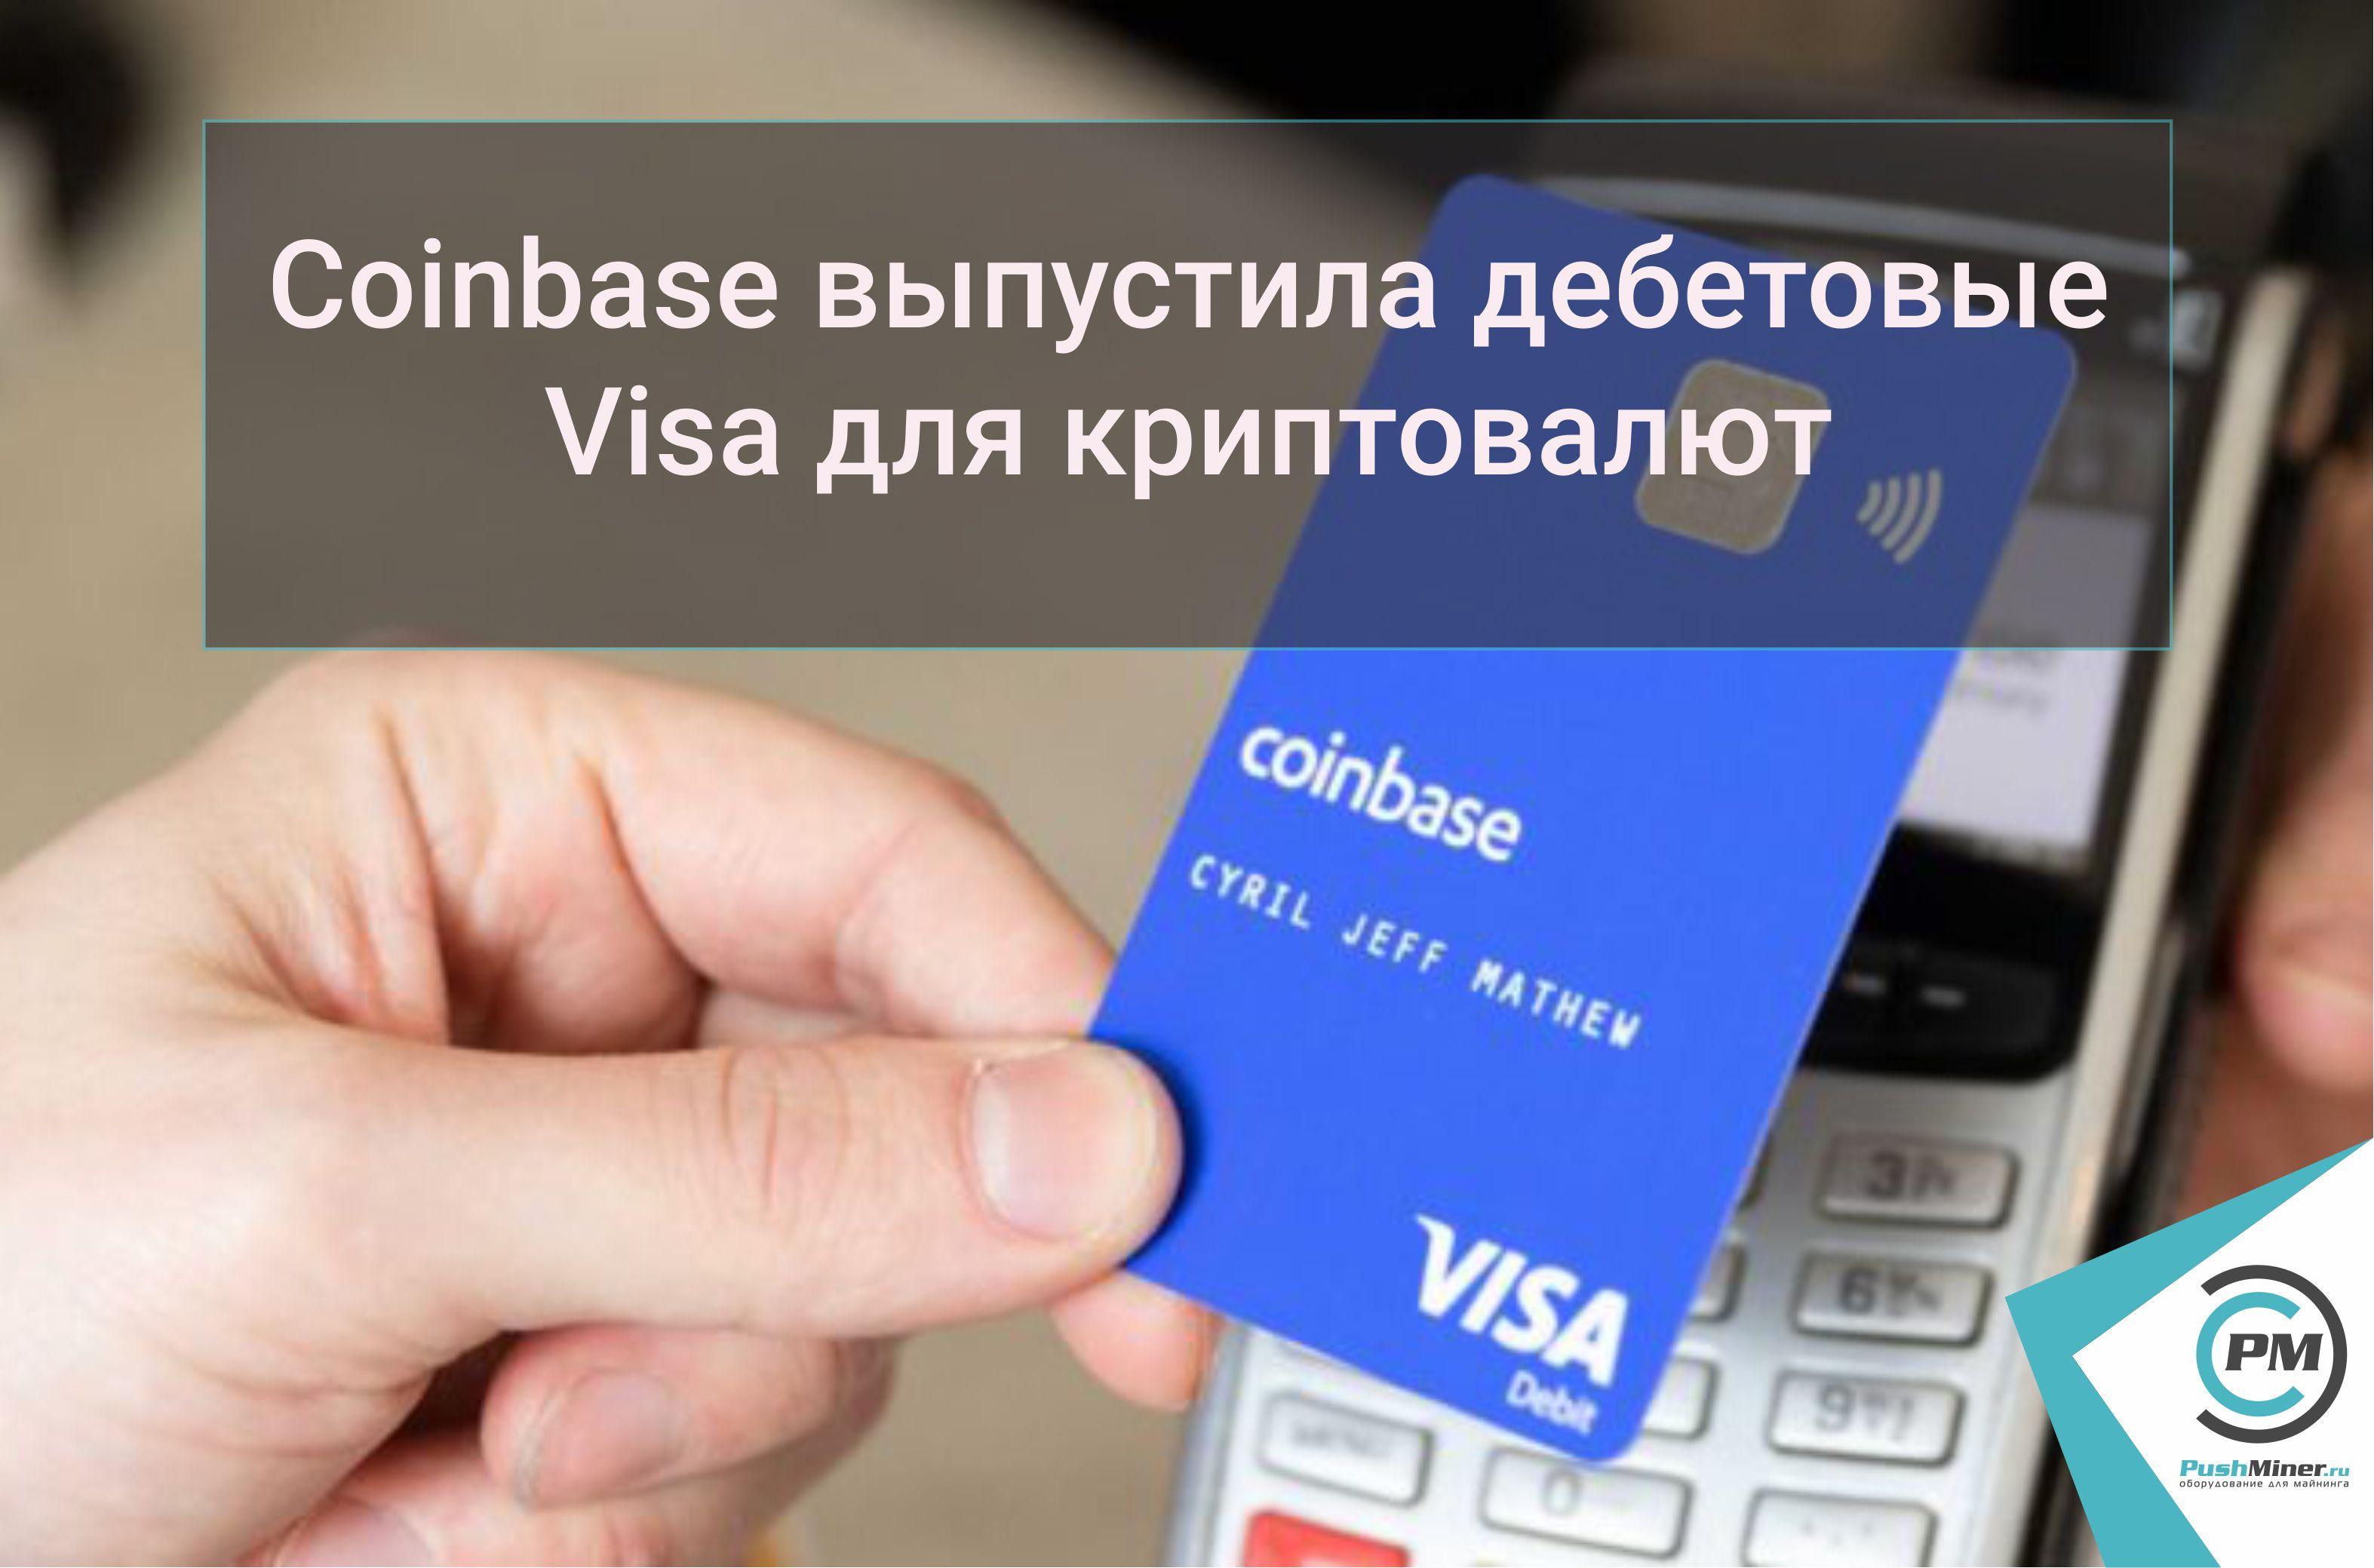 Сoinbase выпустила дебетовые Visa для криптовалют